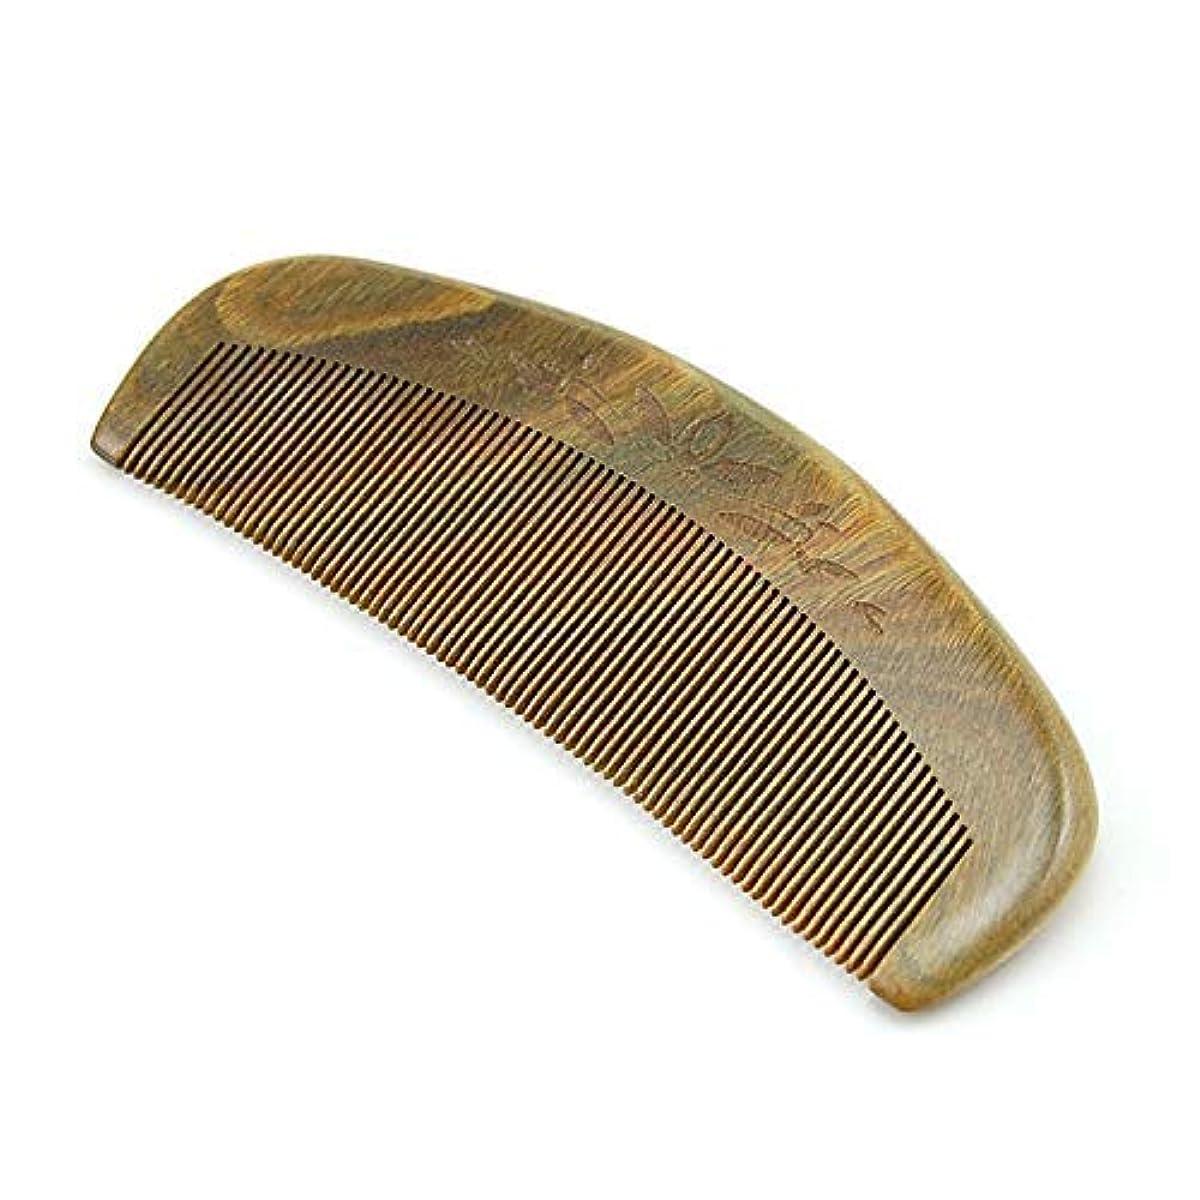 発火する原子キッチンBrand New and Natural Green Sandalwood Fine Tooth Comb, Anti Static Pocket Wooden Comb [並行輸入品]